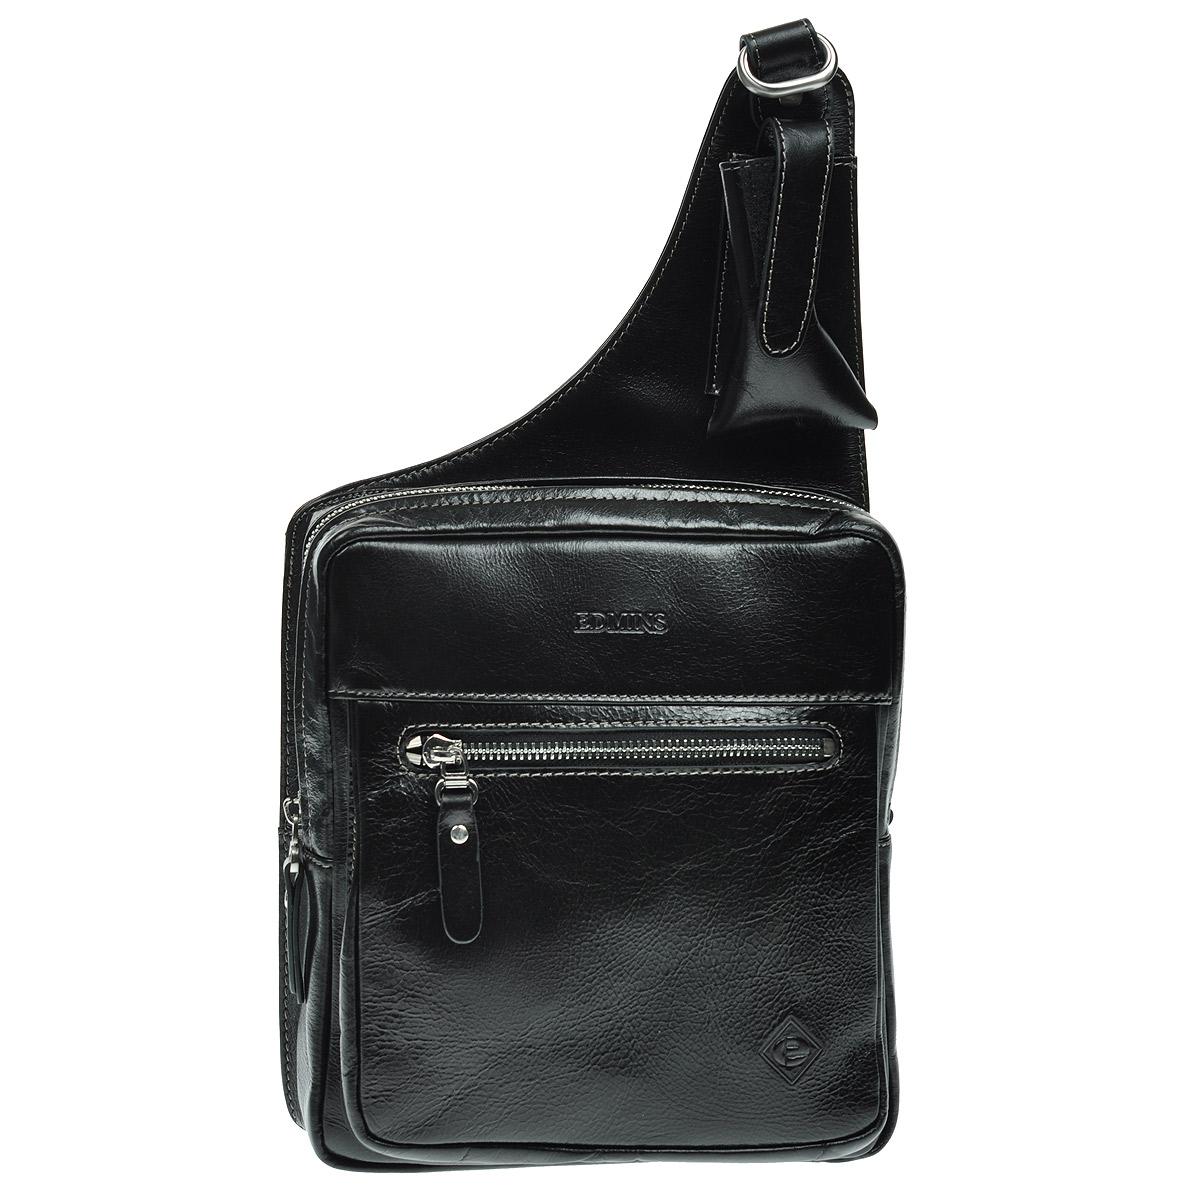 Сумка мужская Edmins, цвет: черный. 7005-1 Black7005-1 BlackМужская сумка Edmins выполнена из натуральной кожи черного цвета с глянцевой поверхностью. Сумка имеет одно основное отделение, закрывающееся на застежку-молнию. Внутри - вшитый карман на застежке-молнии. На лицевой стороне сумки расположен небольшой карман на застежке-молнии. На задней стенке сумки - дополнительный карман на застежке-молнии. Сумка также оснащена кармашком для мобильного телефона. Для удобства предусмотрена актуальная ручка-лента регулируемой длины. К сумке прилагается чехол для хранения. Характеристики: Материал: кожа натуральная, текстиль, металл. Цвет: черный. Размер сумки: 20 см х 38 см х 9 см. Артикул: 7005-1 Black.